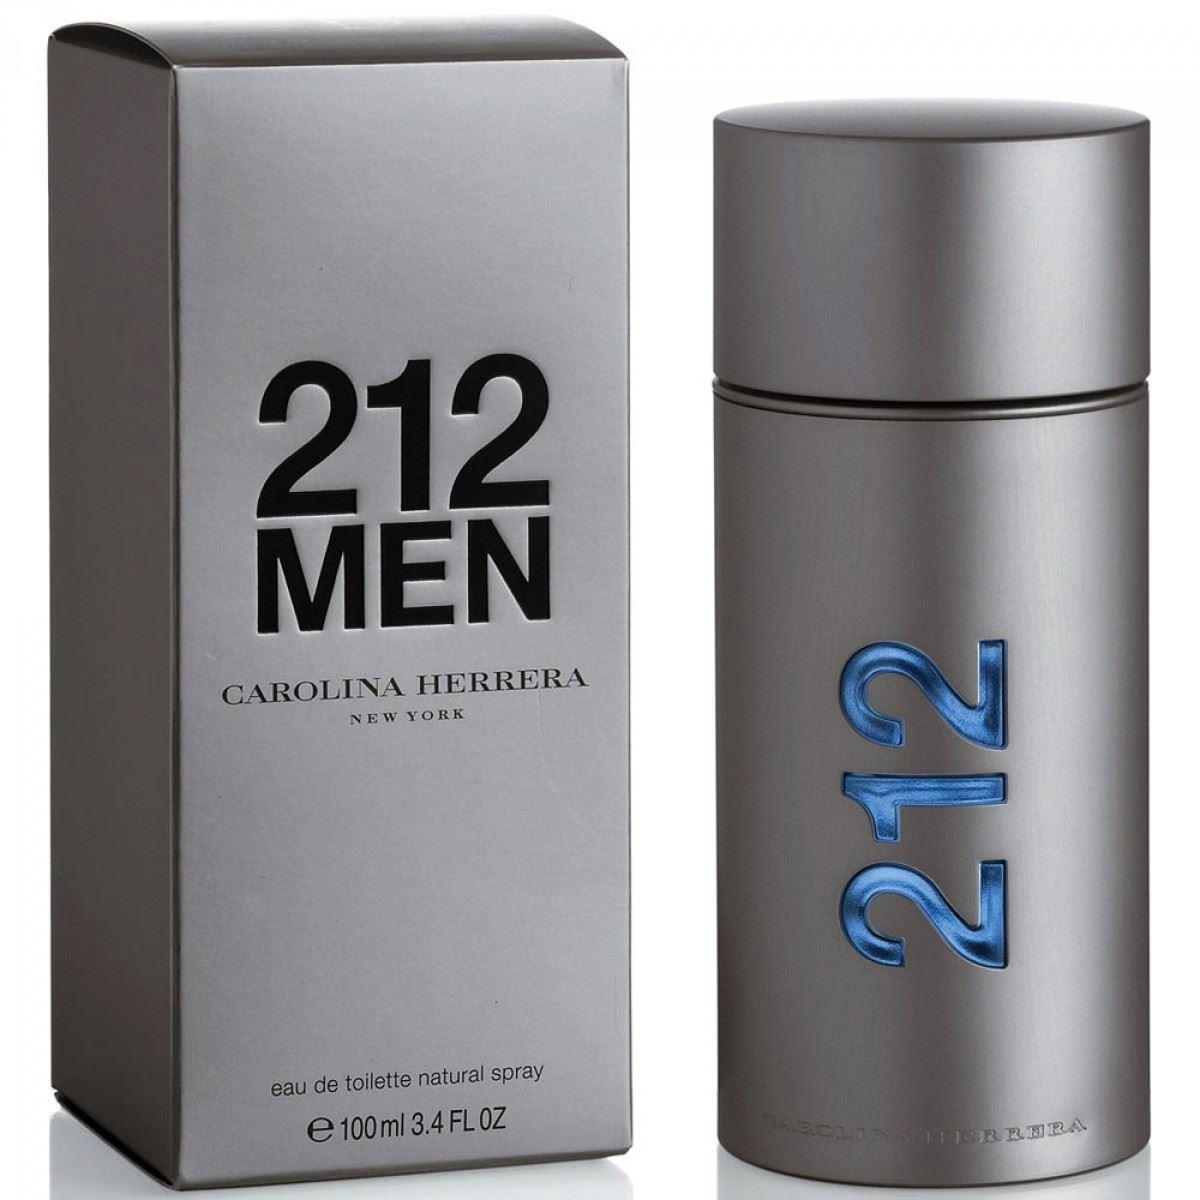 Detalles de Carolina Herrera 212 Men Nyc 100 ml Edt para hombres ver título original